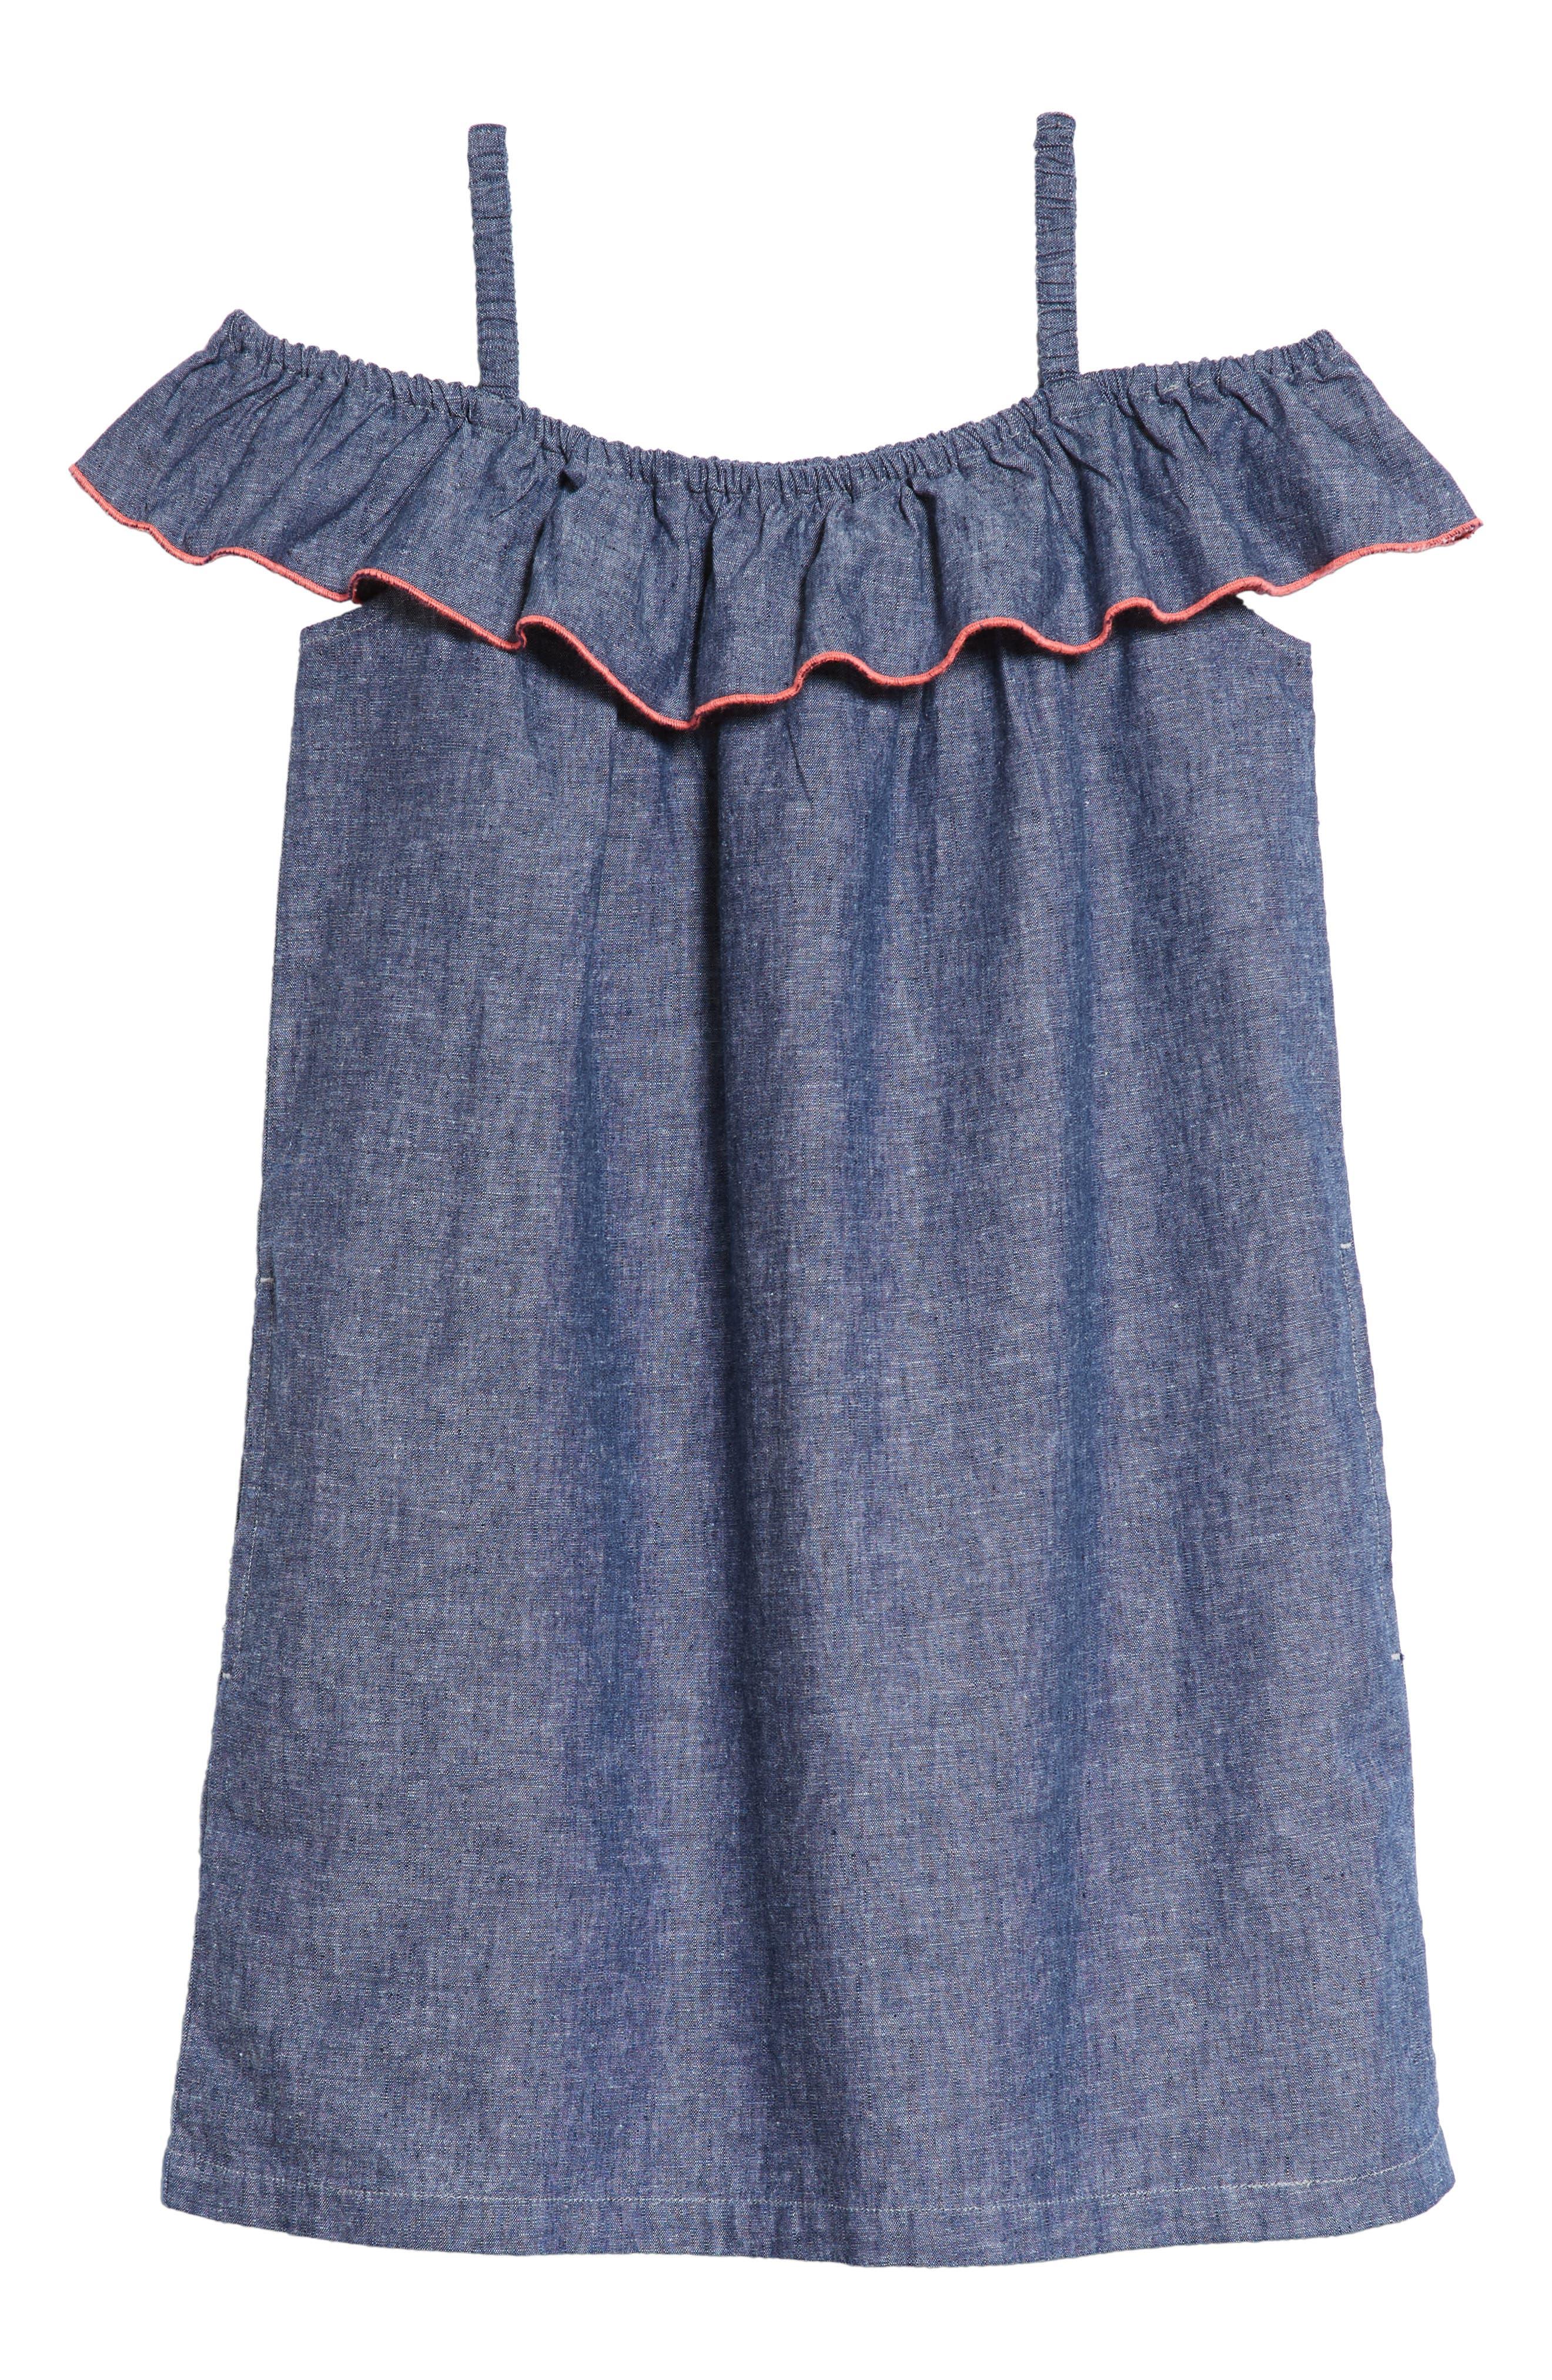 Tea Collection Chambray Ruffle Neck Dress (Toddler Girls, Little Girls & Big Girls)